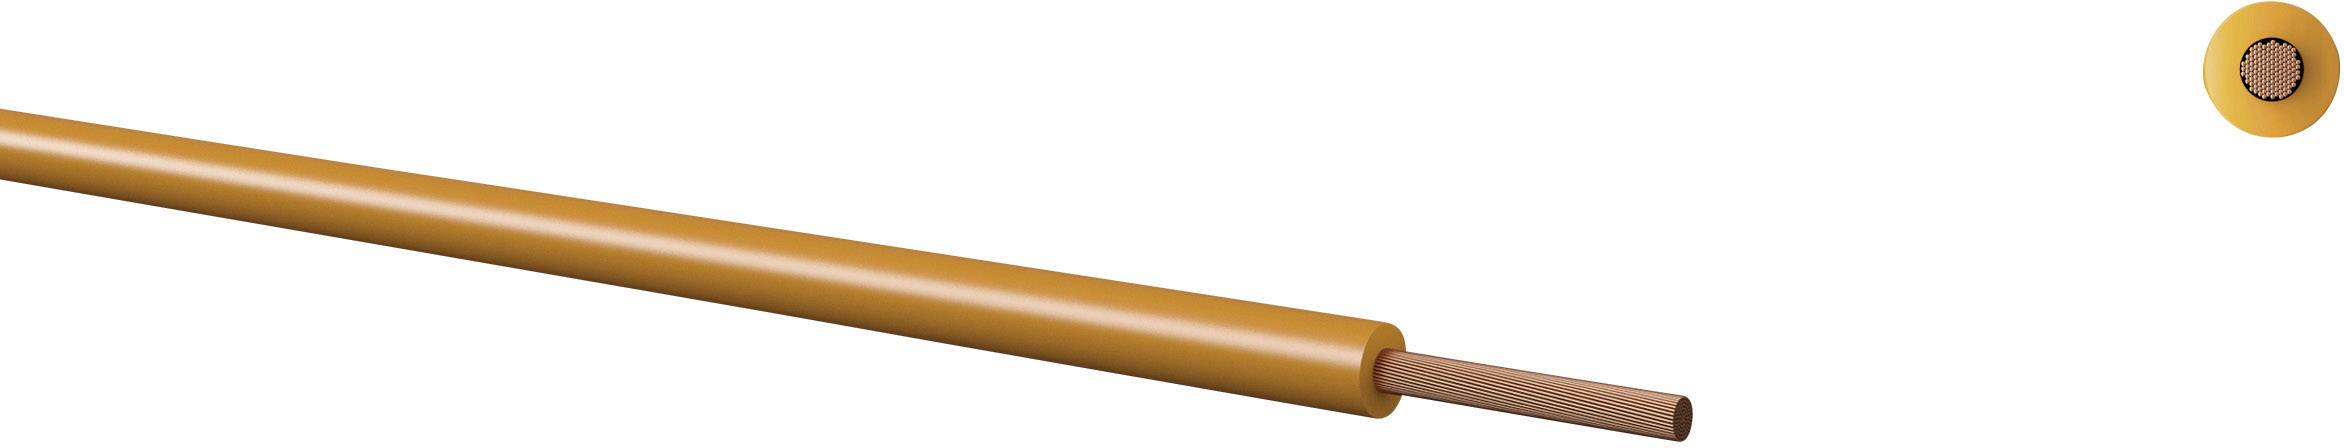 Licna Kabeltronik LiFY 160110002, 1x 1 mm², PVC, Ø 2,50 mm, 1 m, hnědá